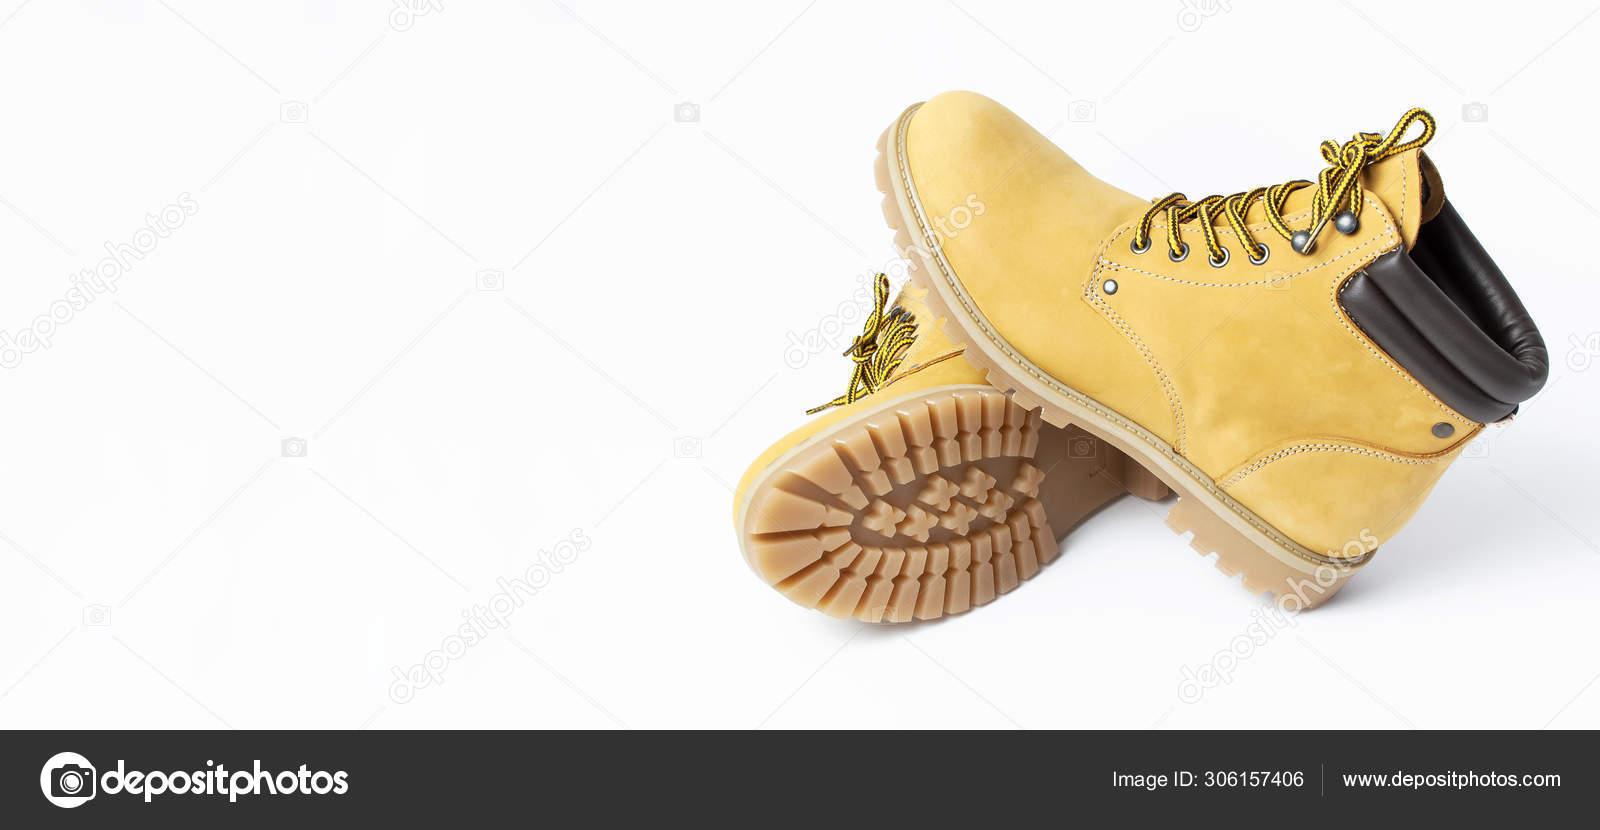 Распродажа обуви из натуральной кожи как экономить трафик на андроиде